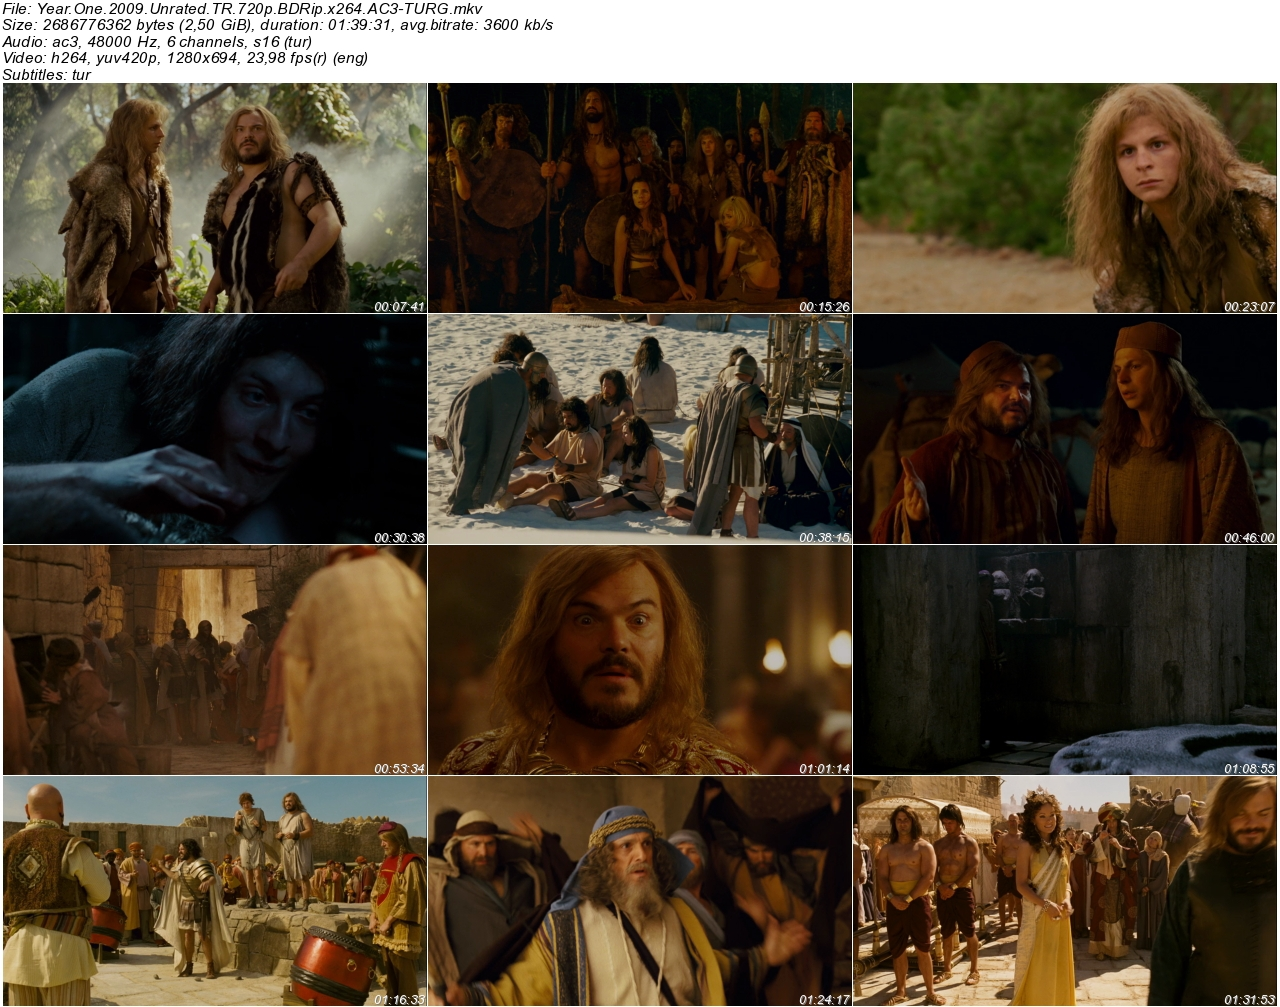 Fi Tarihi 2009 - 1080p 720p 480p - Türkçe Dublaj Tek Link indir